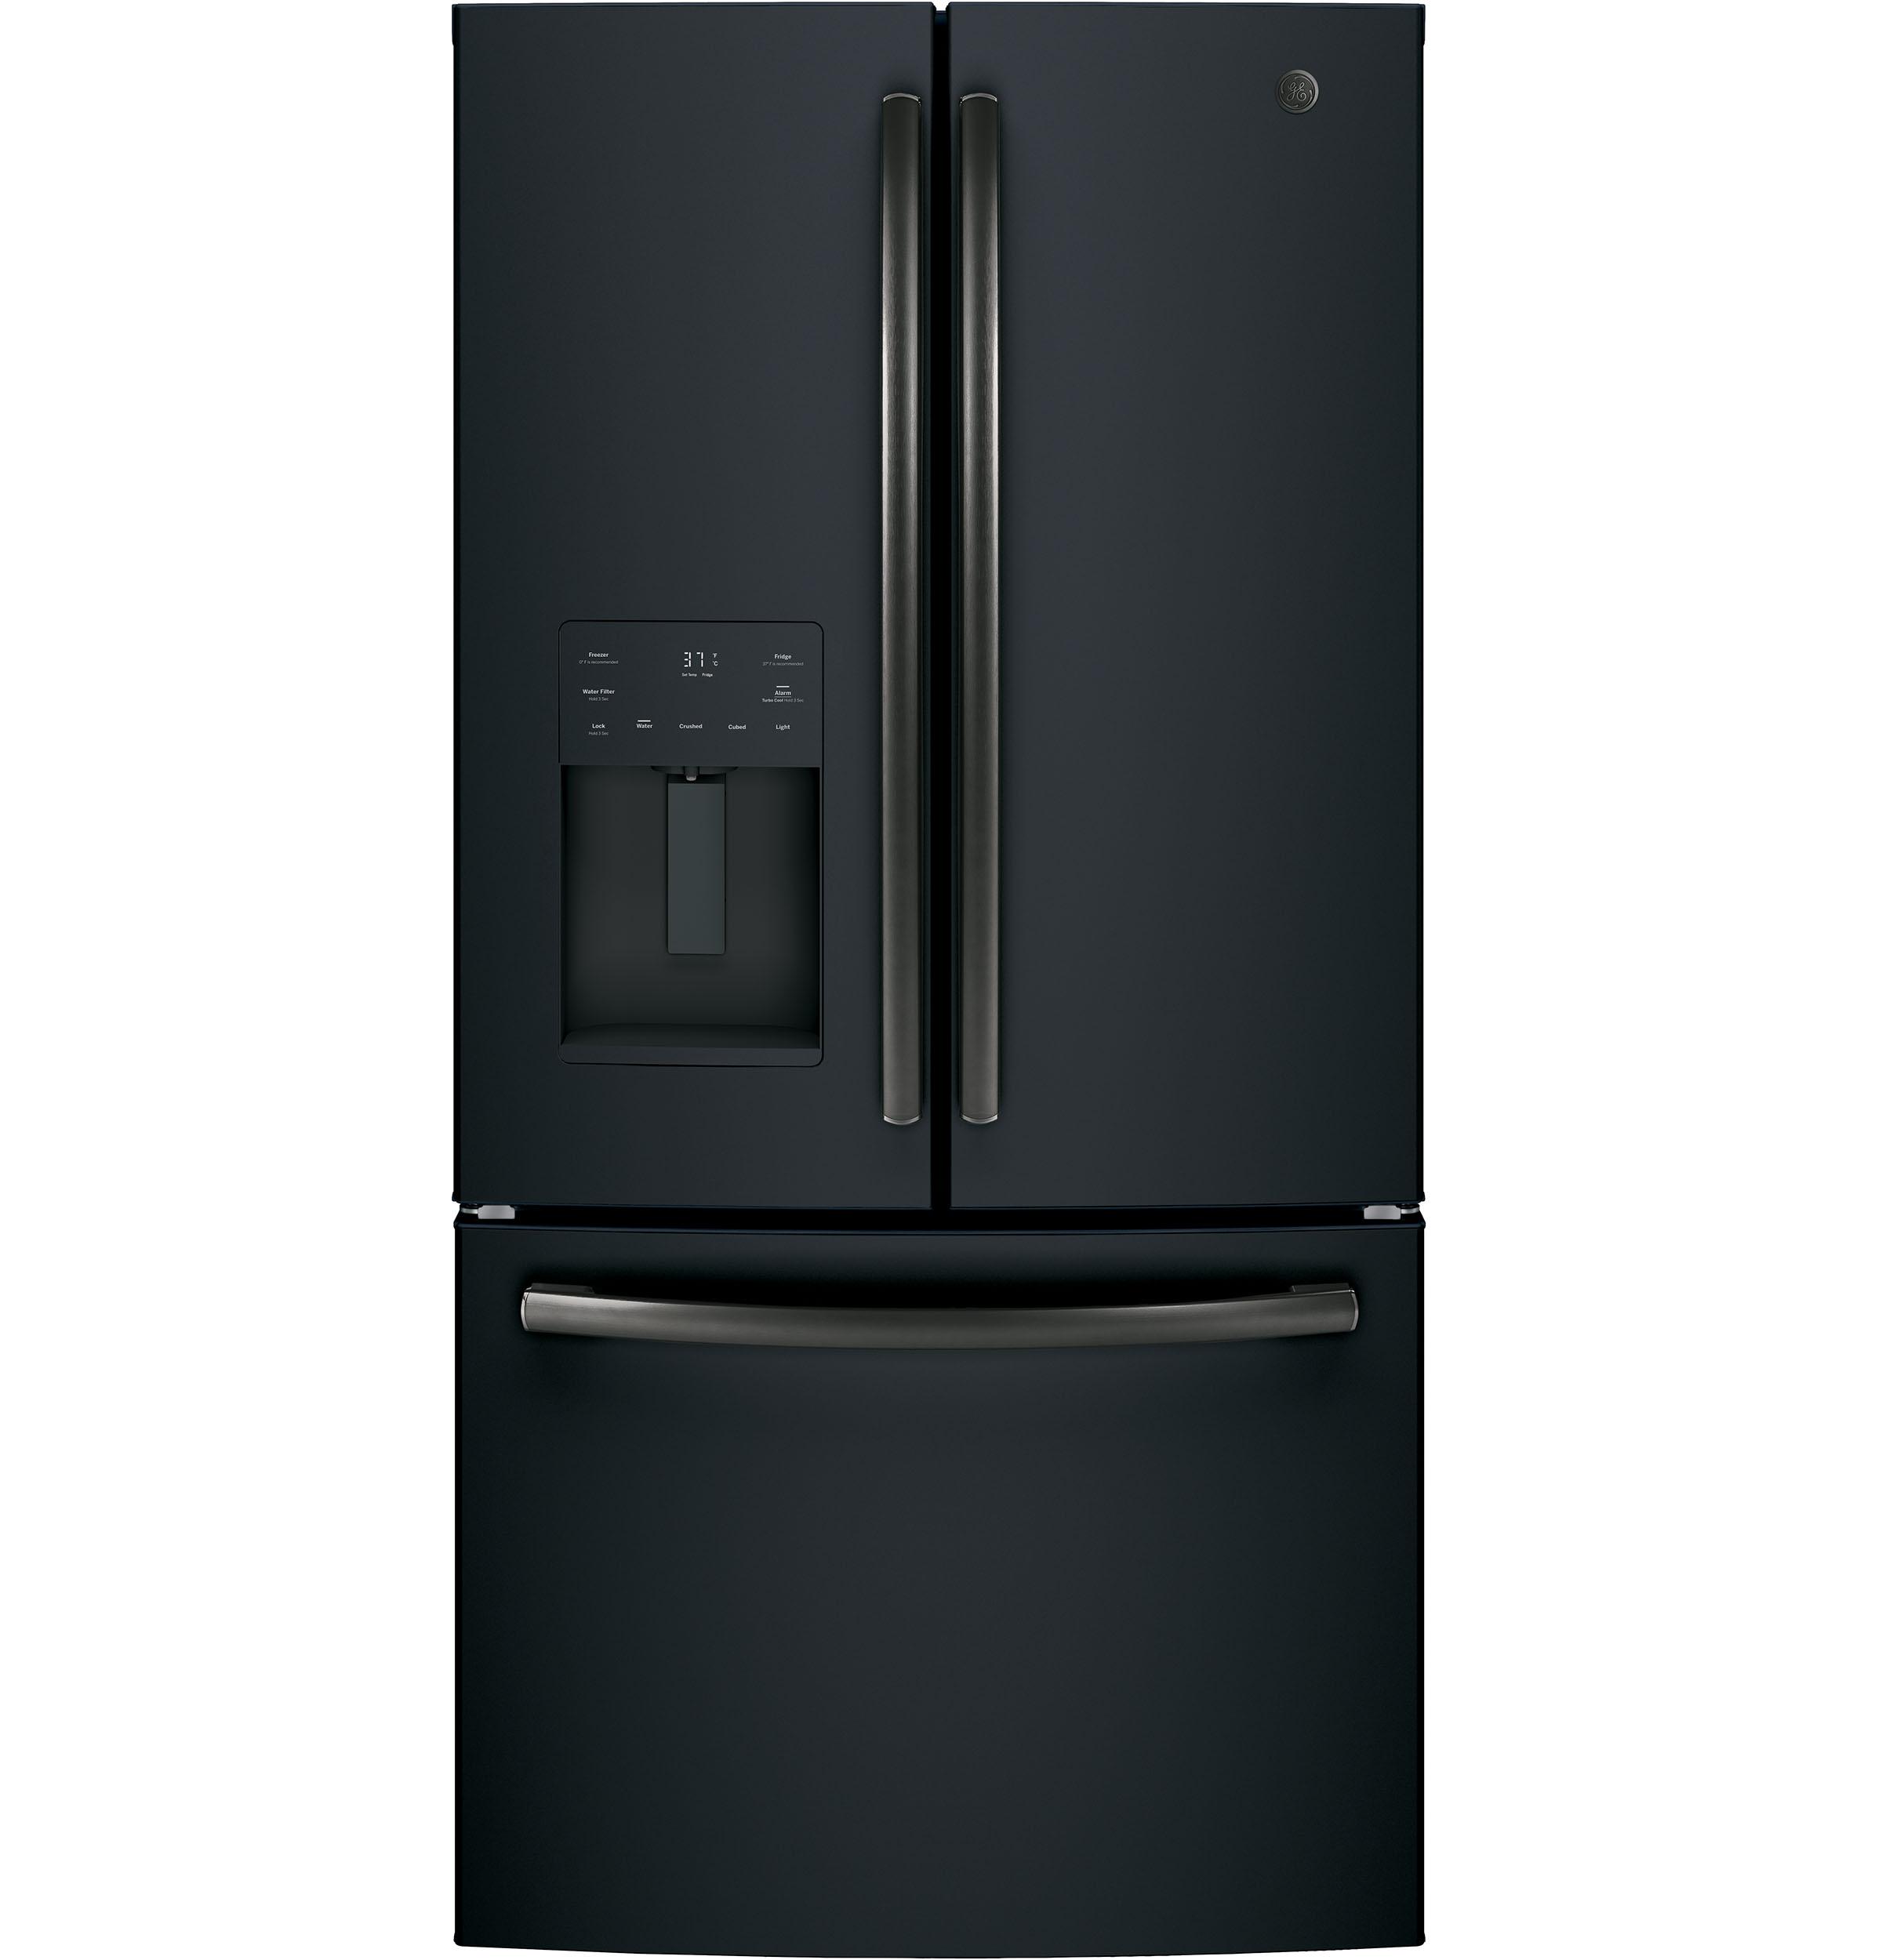 Model: GFE26JEMDS | GE® ENERGY STAR® 25.6 Cu. Ft. French-Door Refrigerator